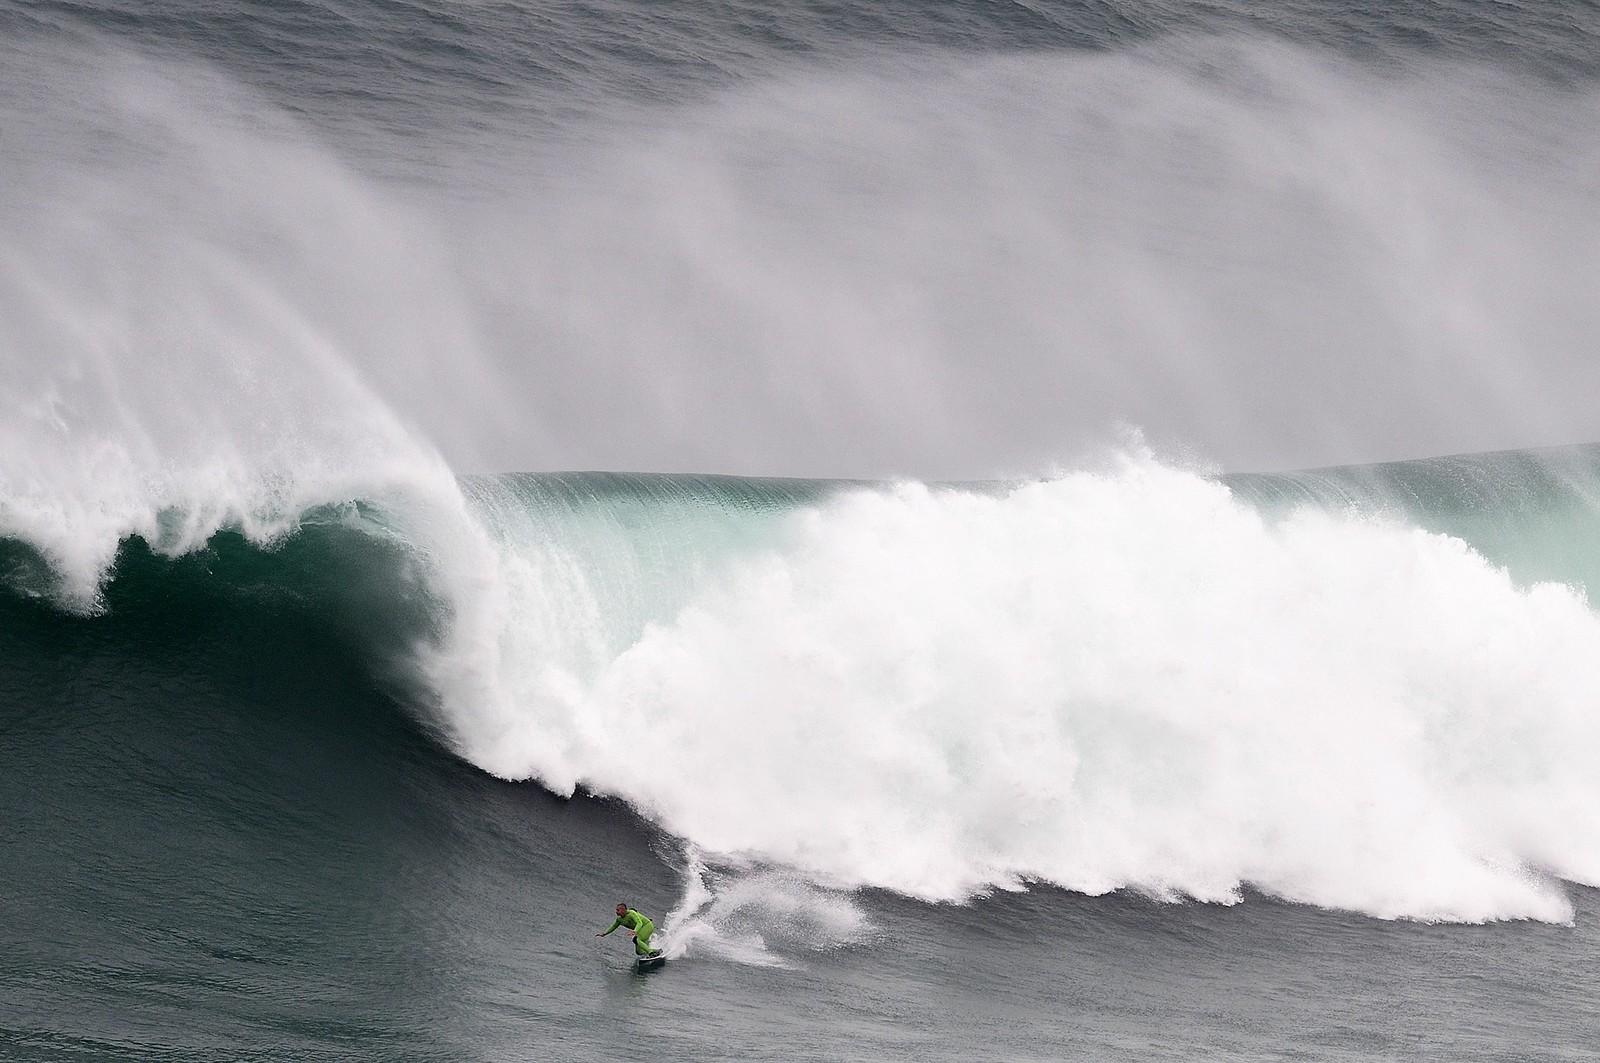 SLike bølger finner du for tiden i Portugal, der surfer Garrett McNamara fikk prøvd brettet denne uka.